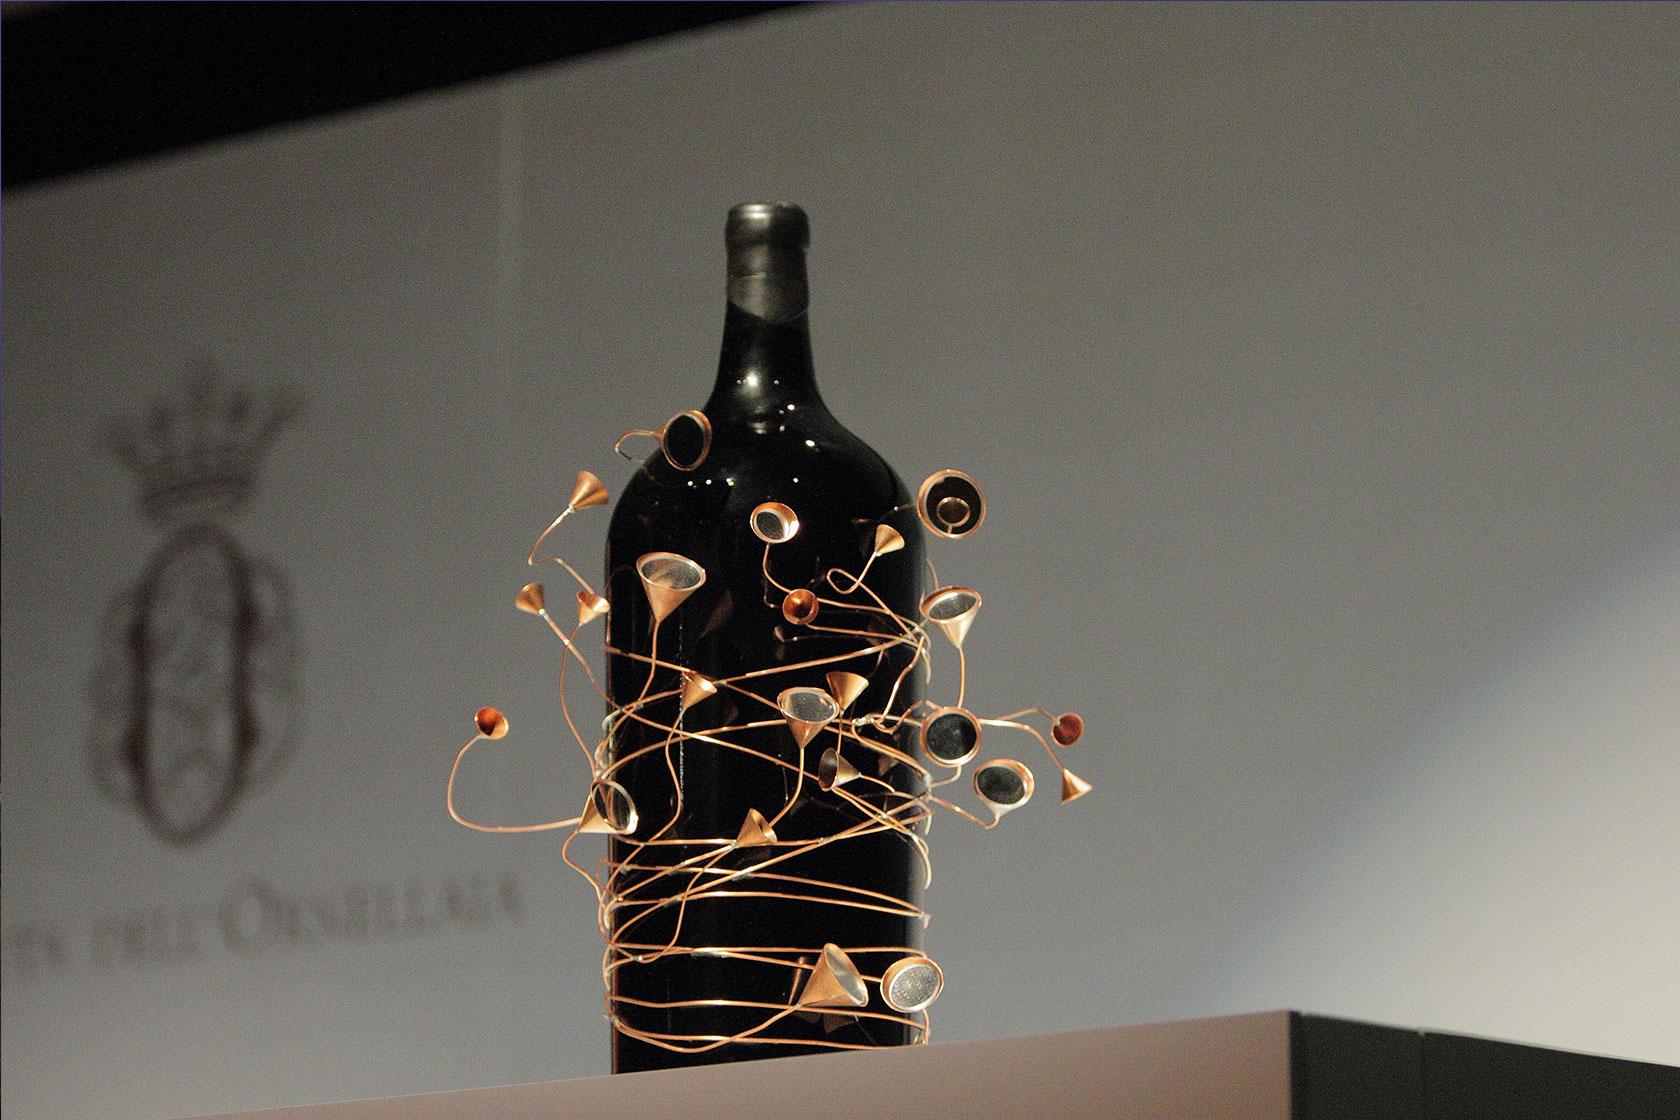 Edelste Weine, eleganteste Kunst – eine perfekte Symbiose